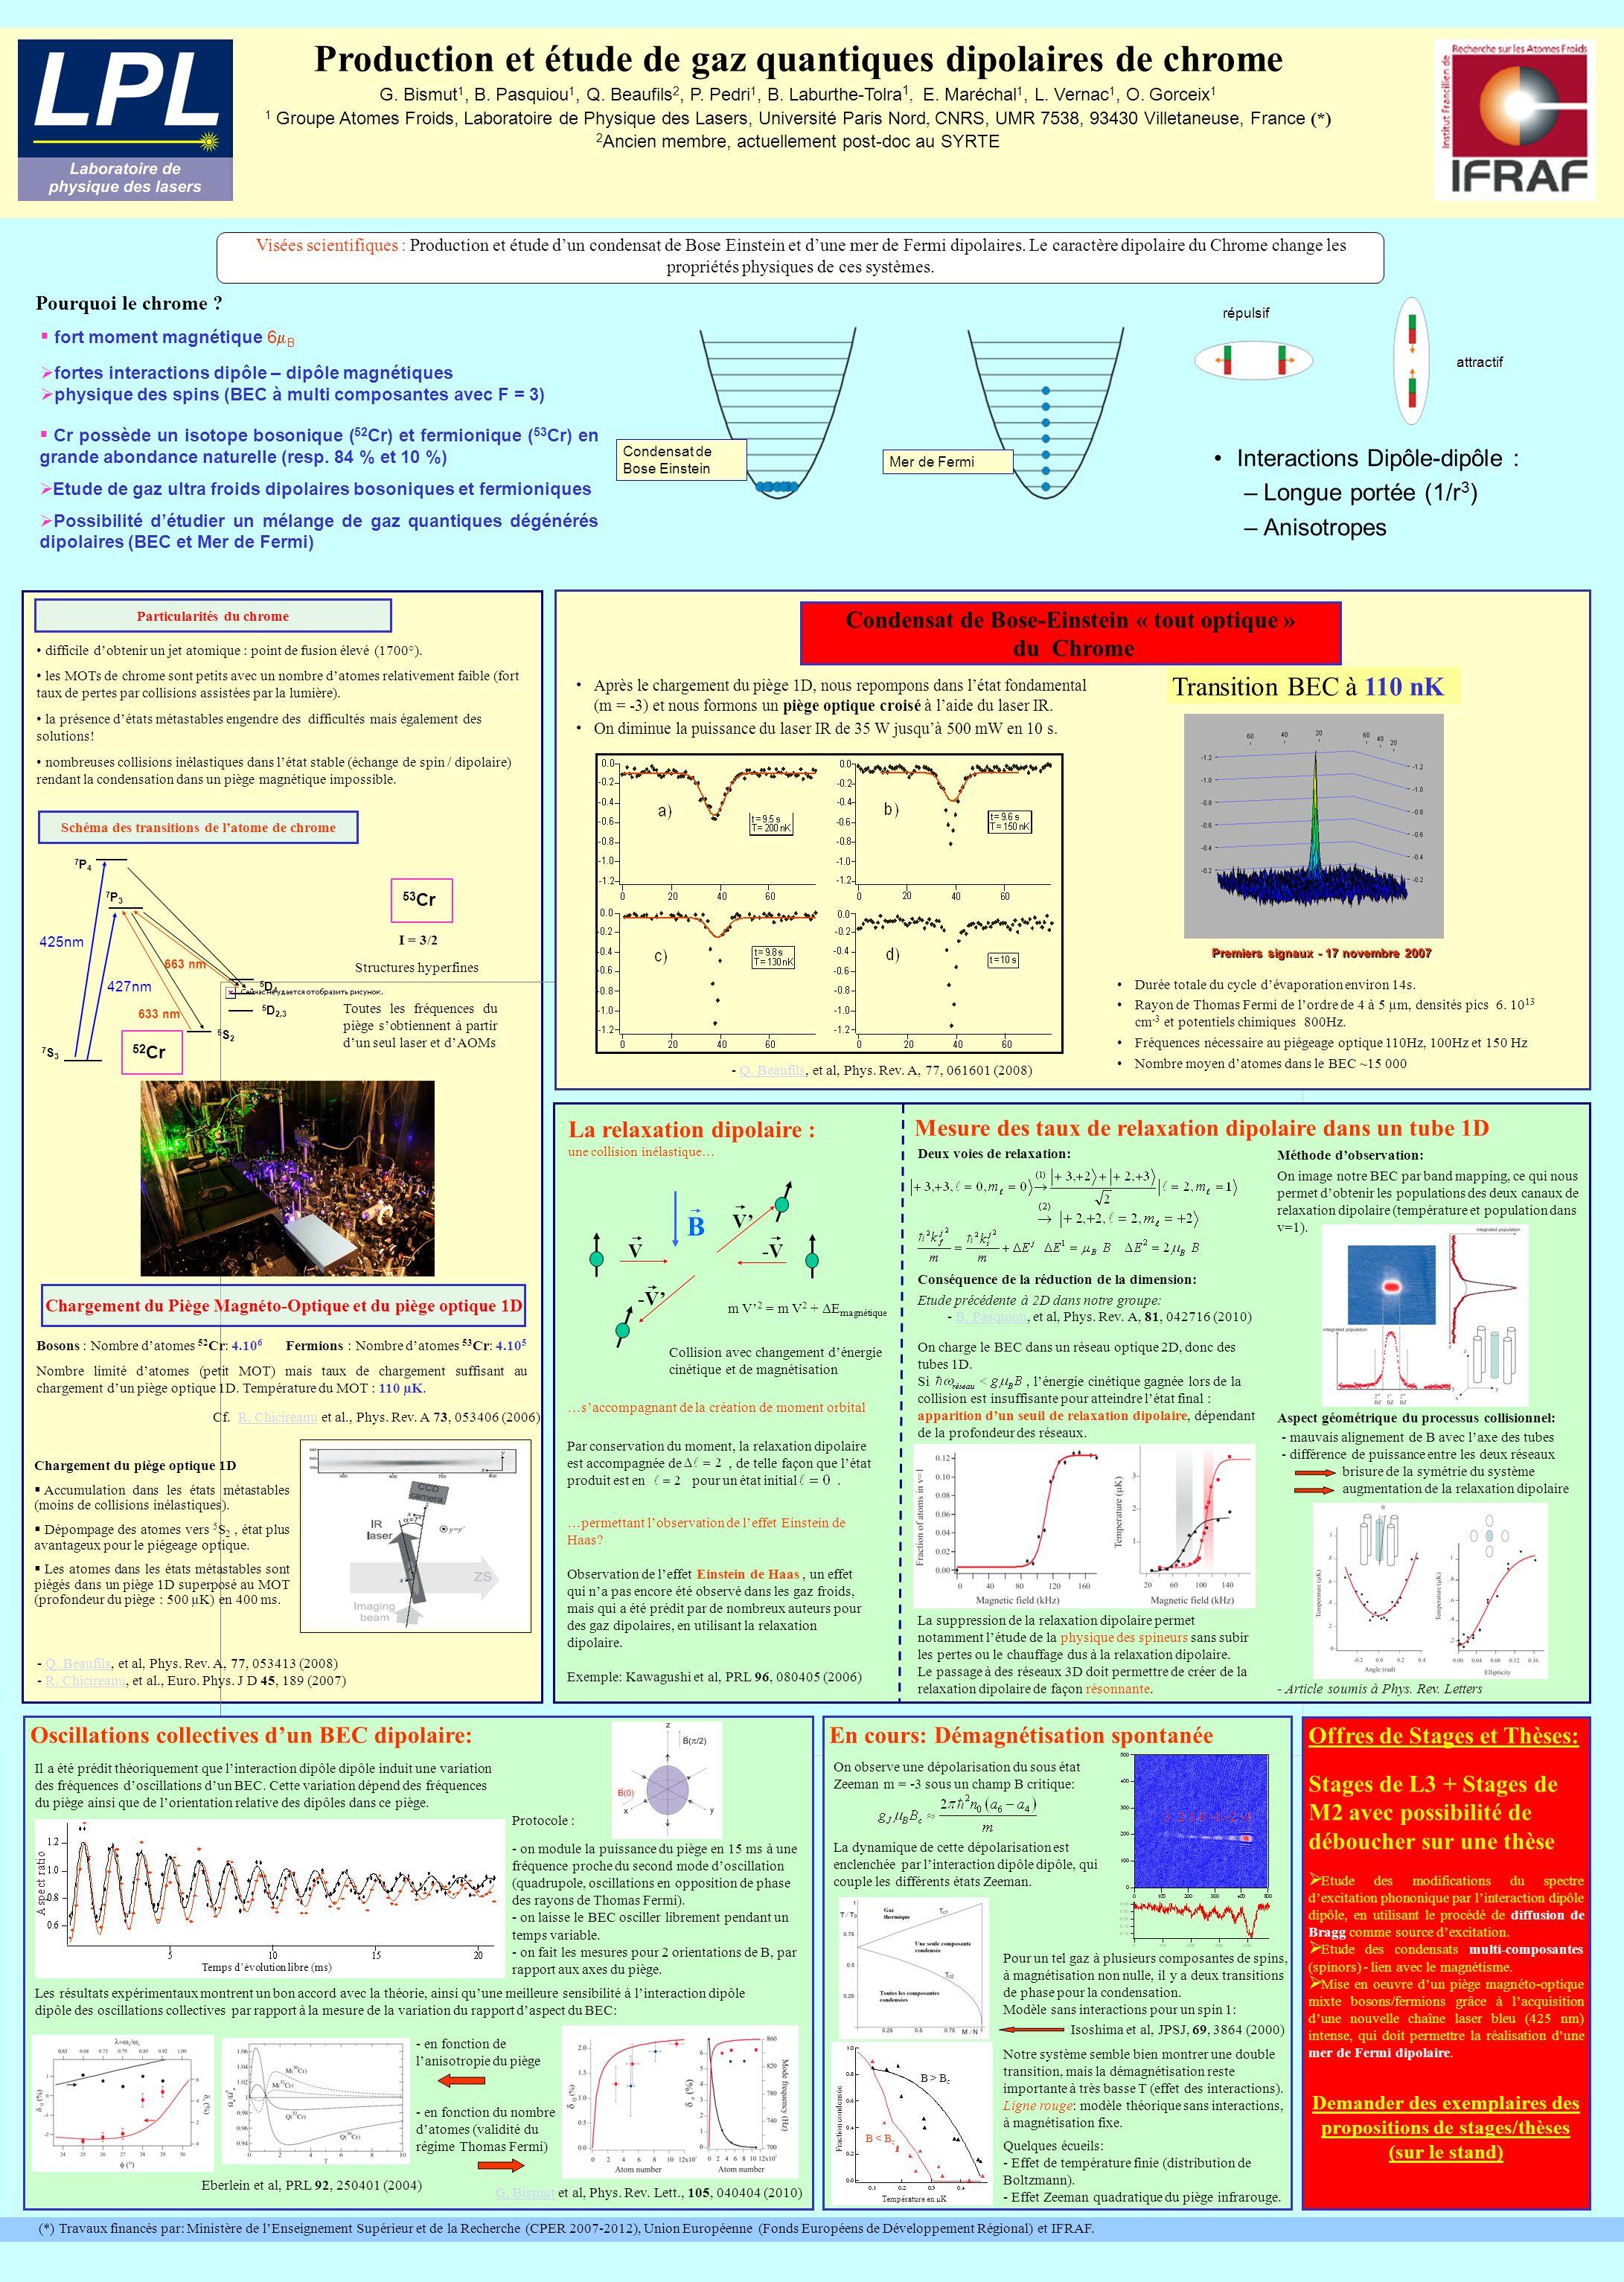 Production et étude de gaz quantiques dipolaires de chrome